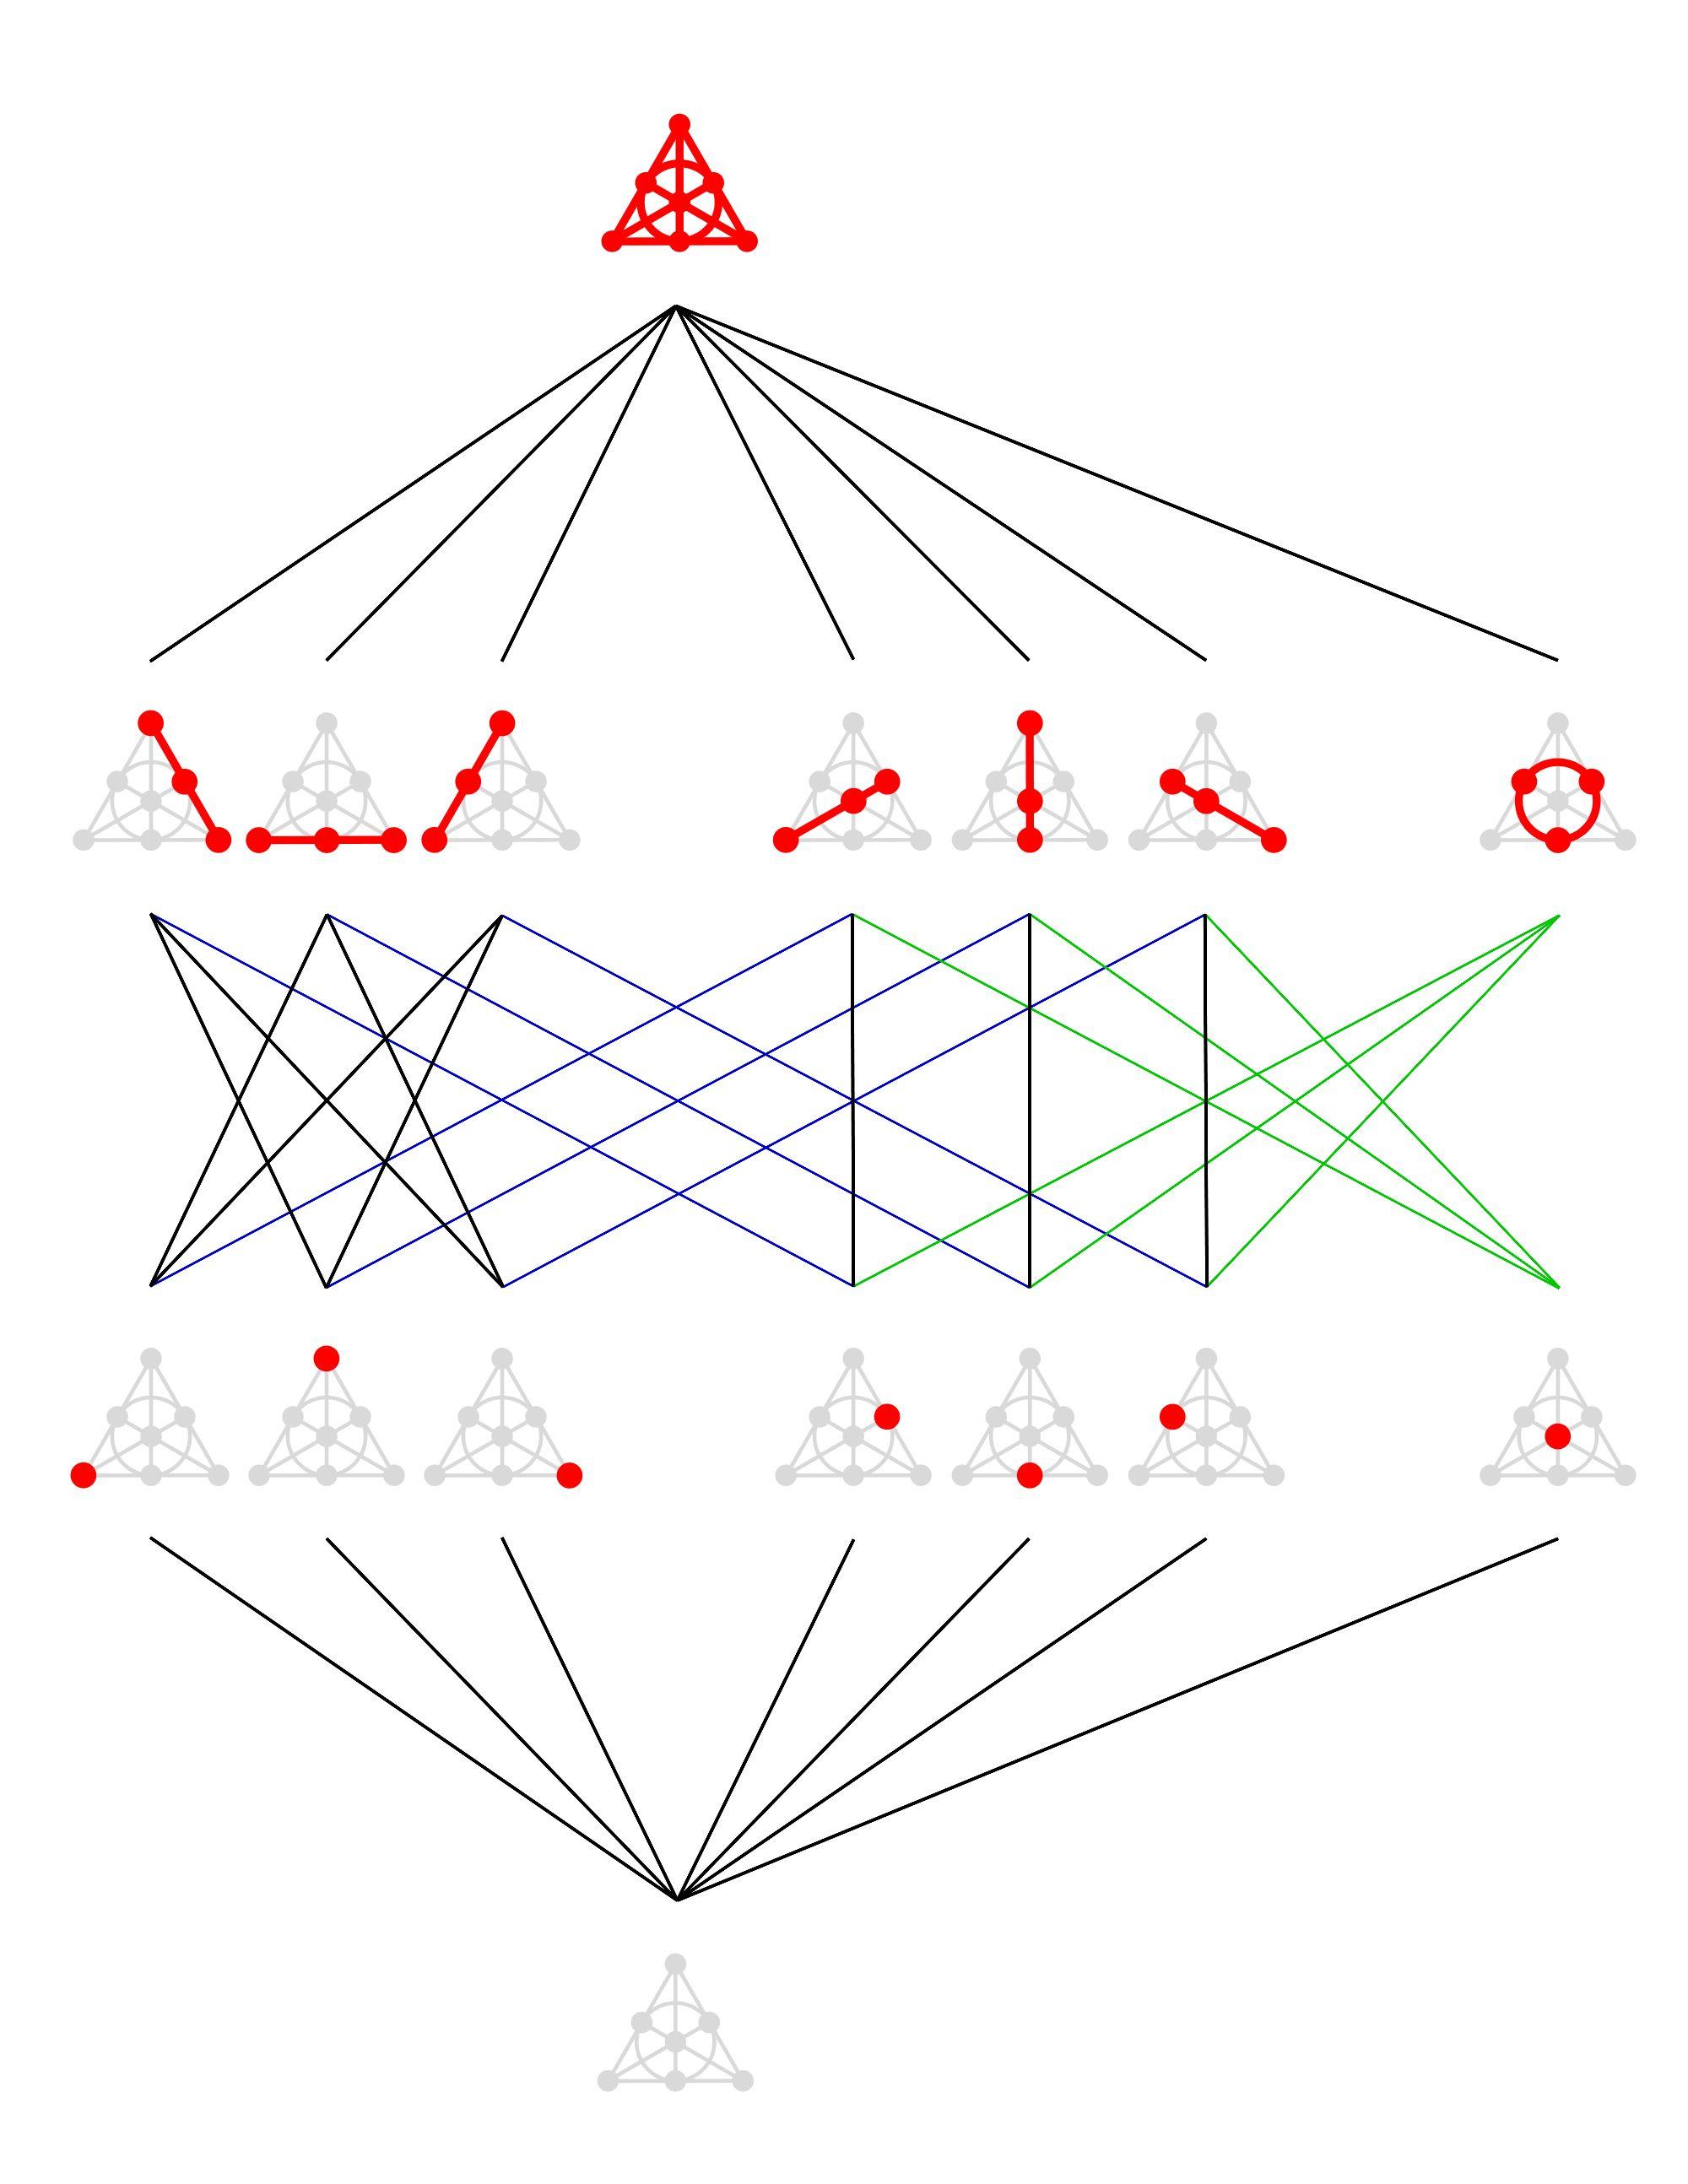 Fano Plane Hasse Diagram Fano Diagram Cards